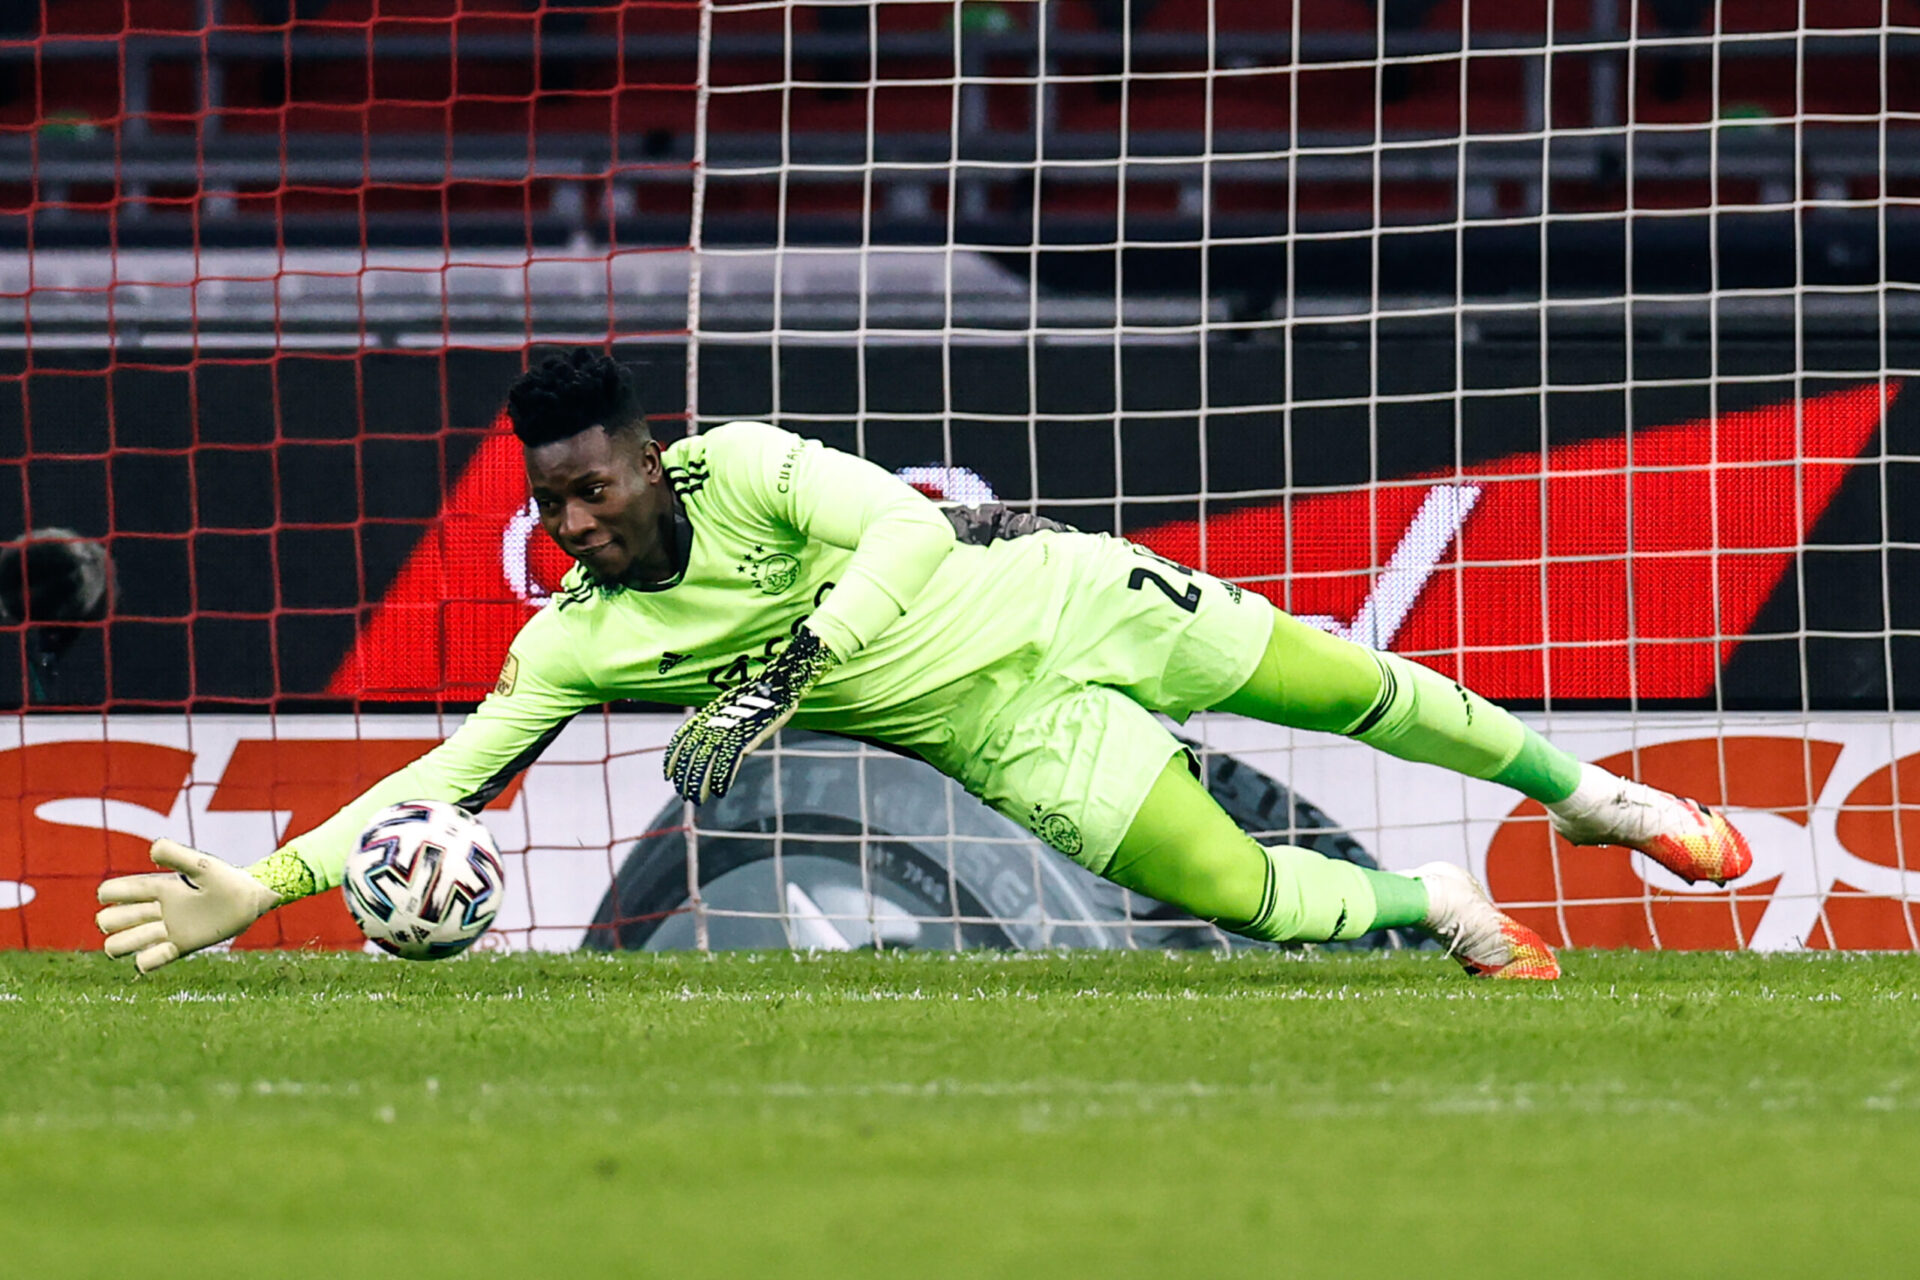 André Onana a été suspendu neuf mois par la Fifa, il ne pourra rejouer qu'à partir de novembre 2021 (iconsport)